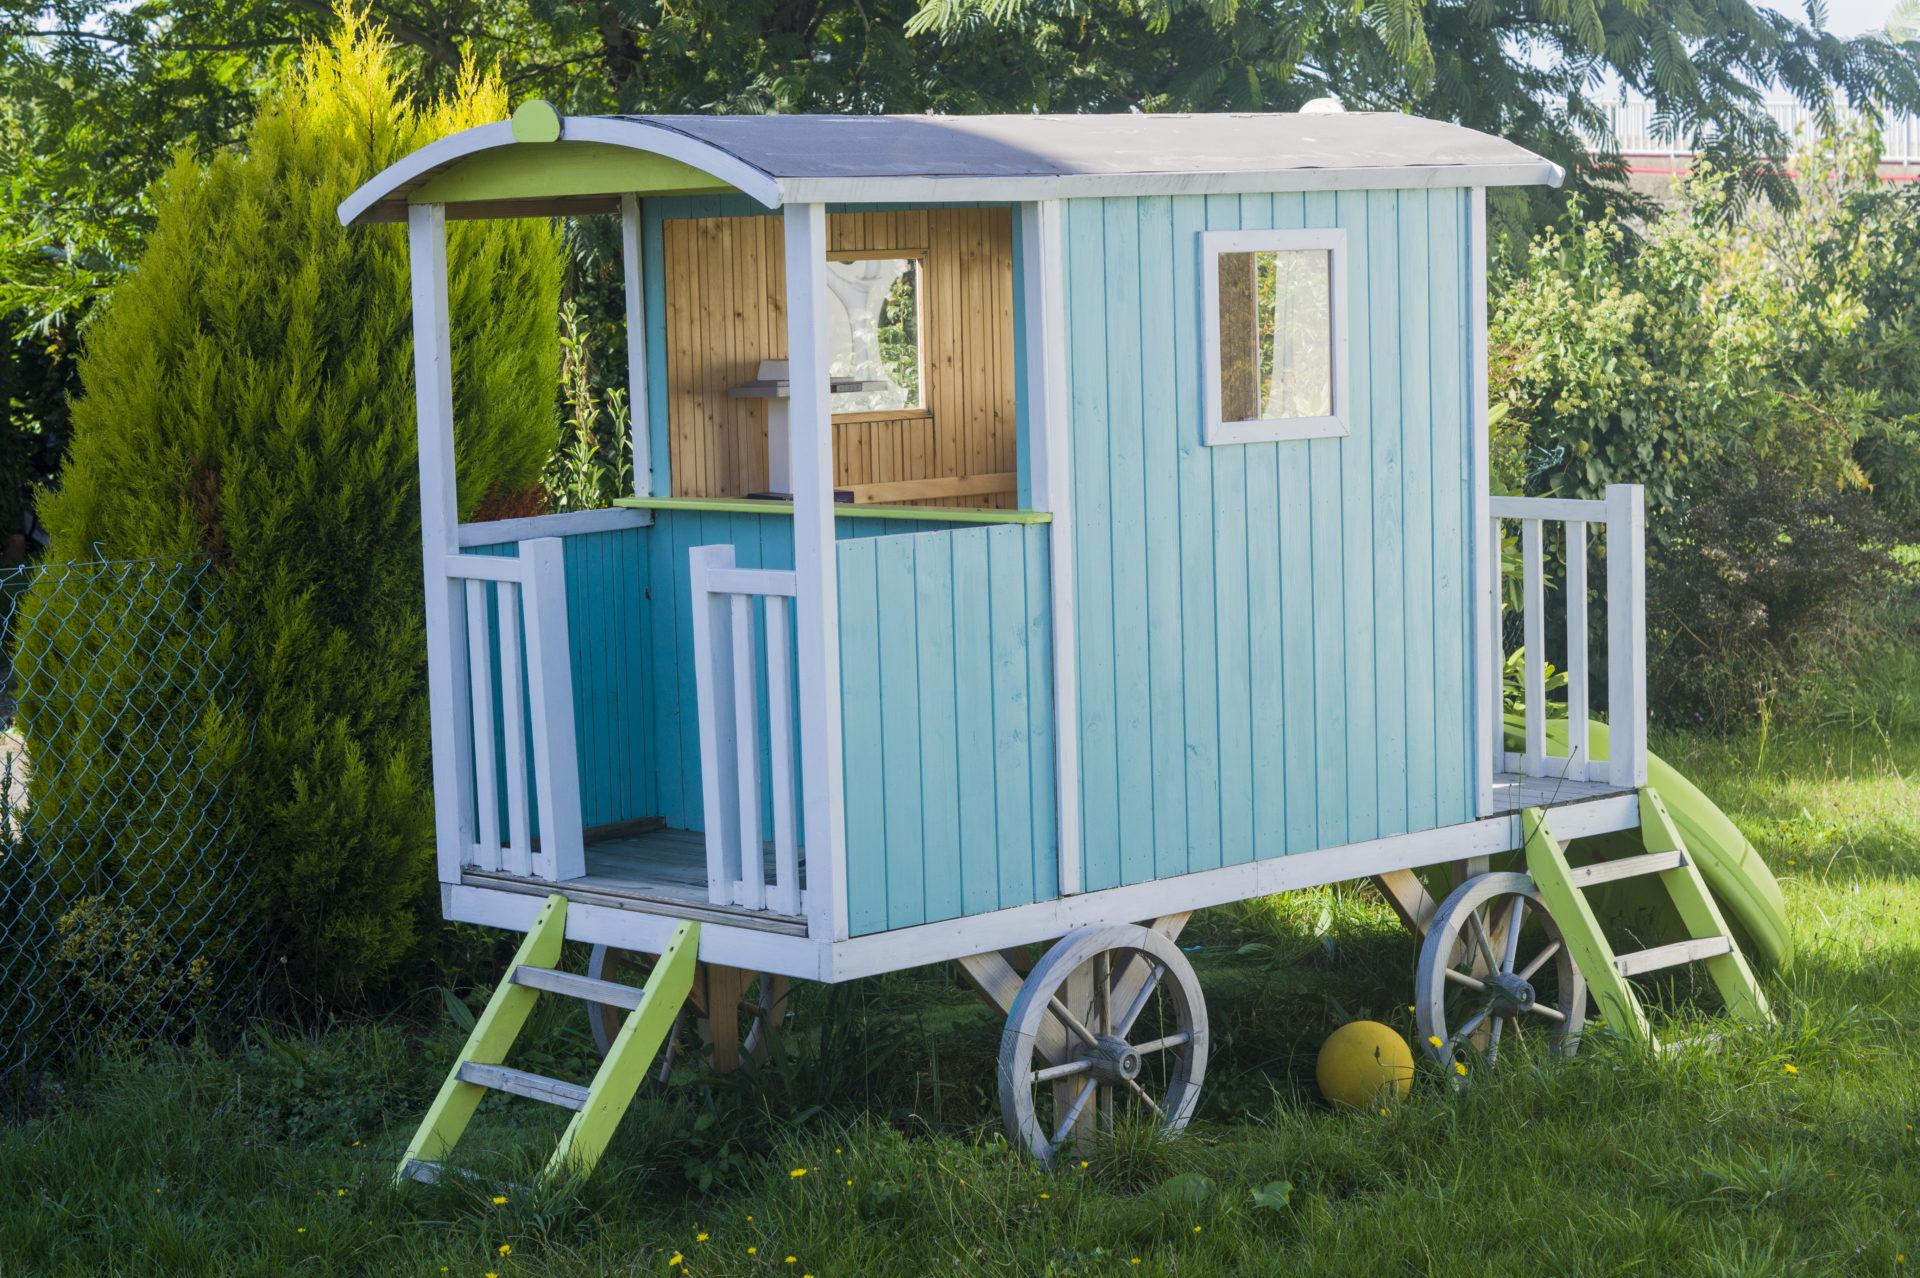 Cabane En Bois Pour Enfant, Cabane Jardin Enfant - Acheter ... à Maison De Jardin Enfant Pas Cher